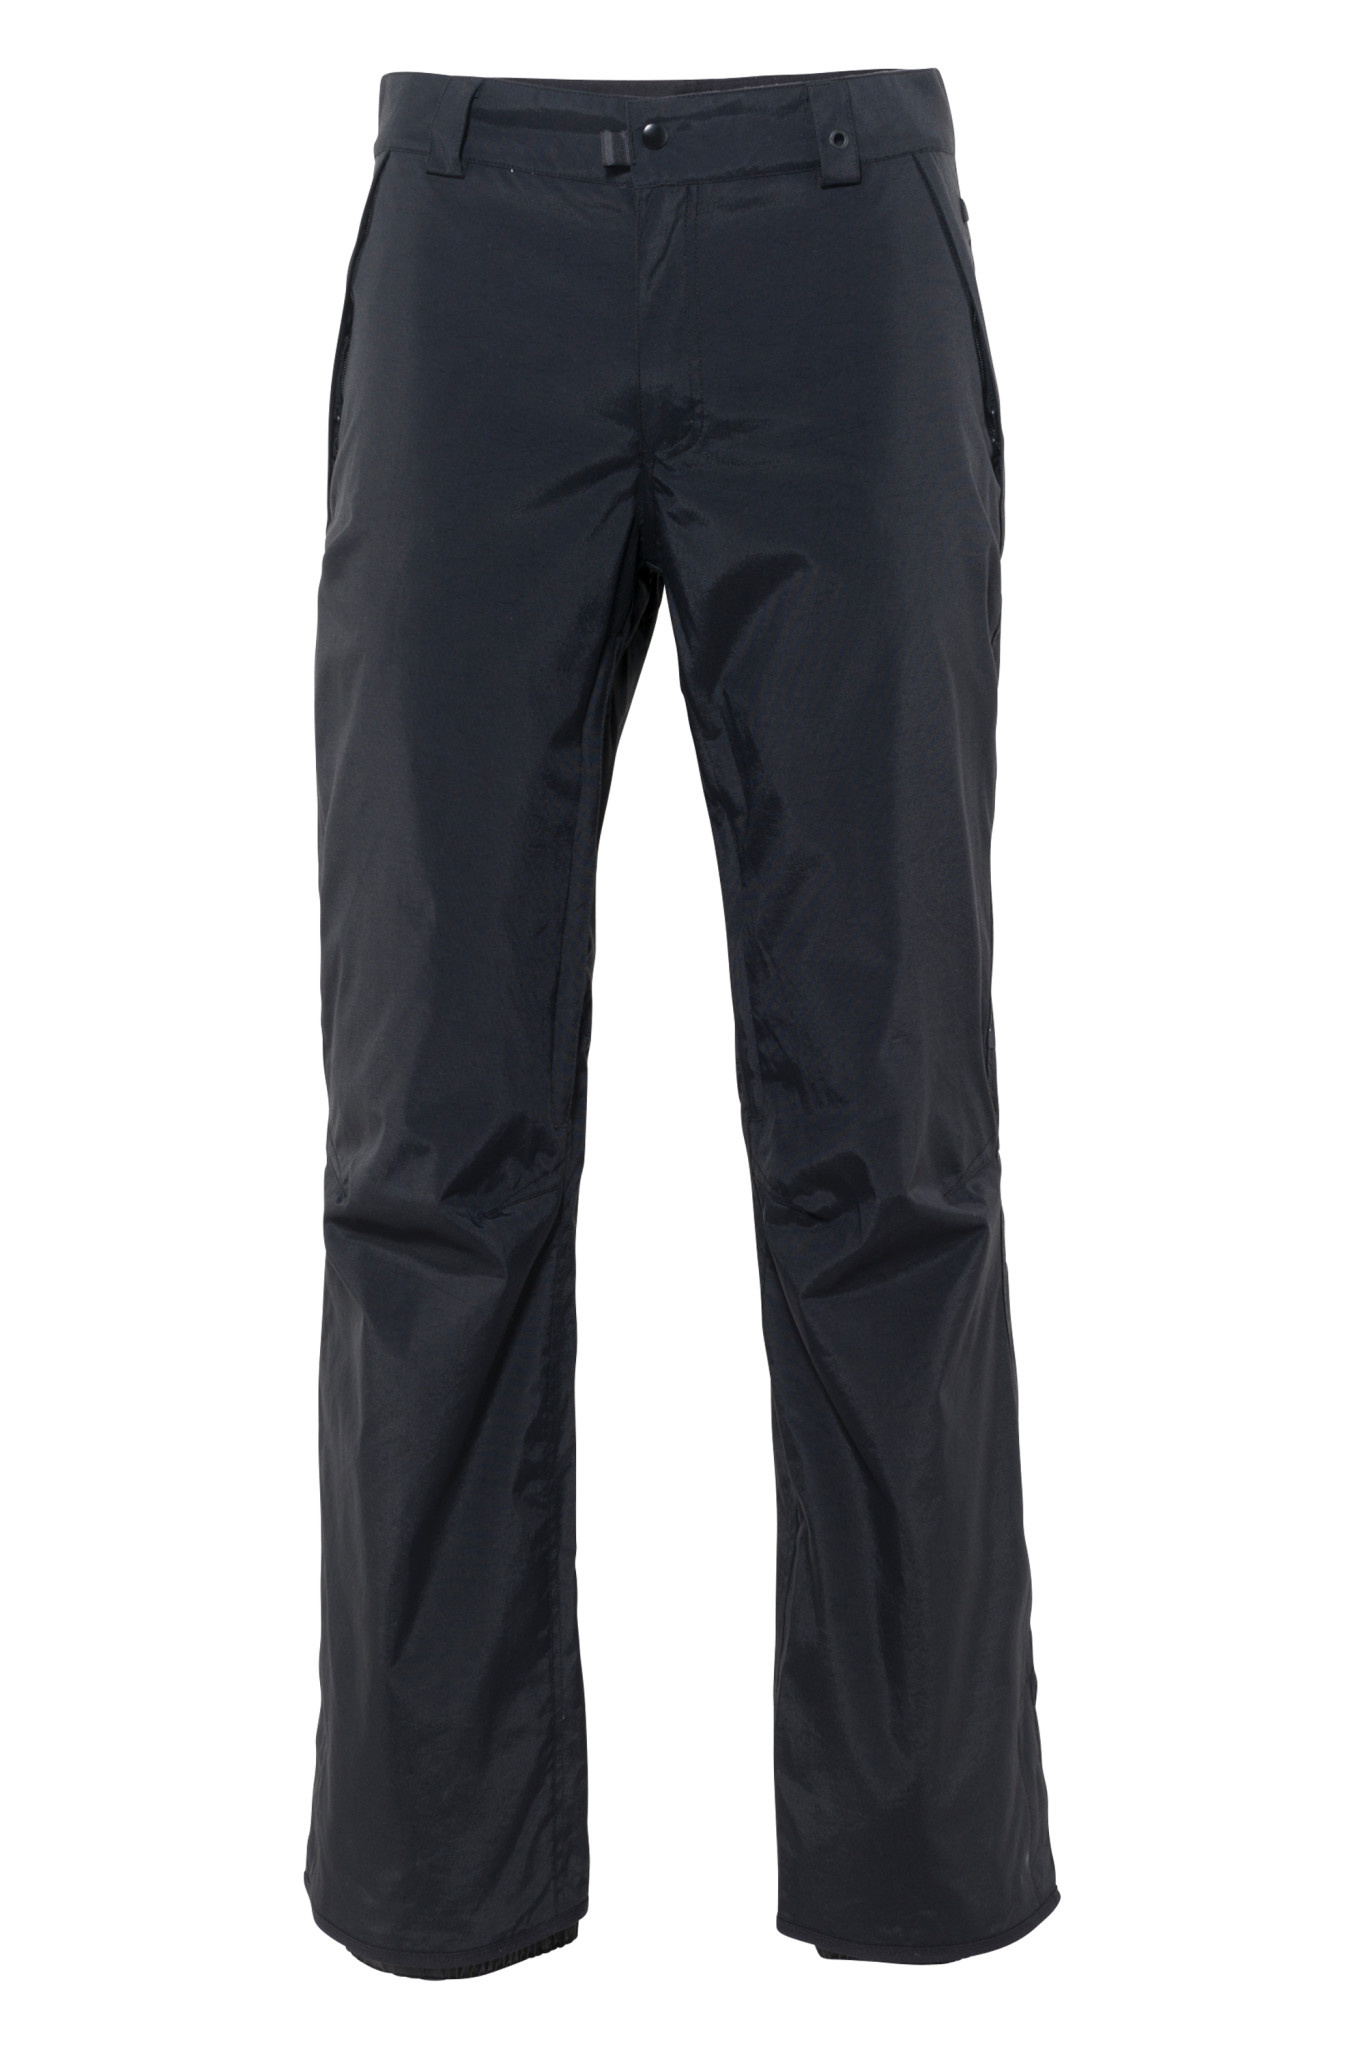 686 686 Men's Standard Shell Pant